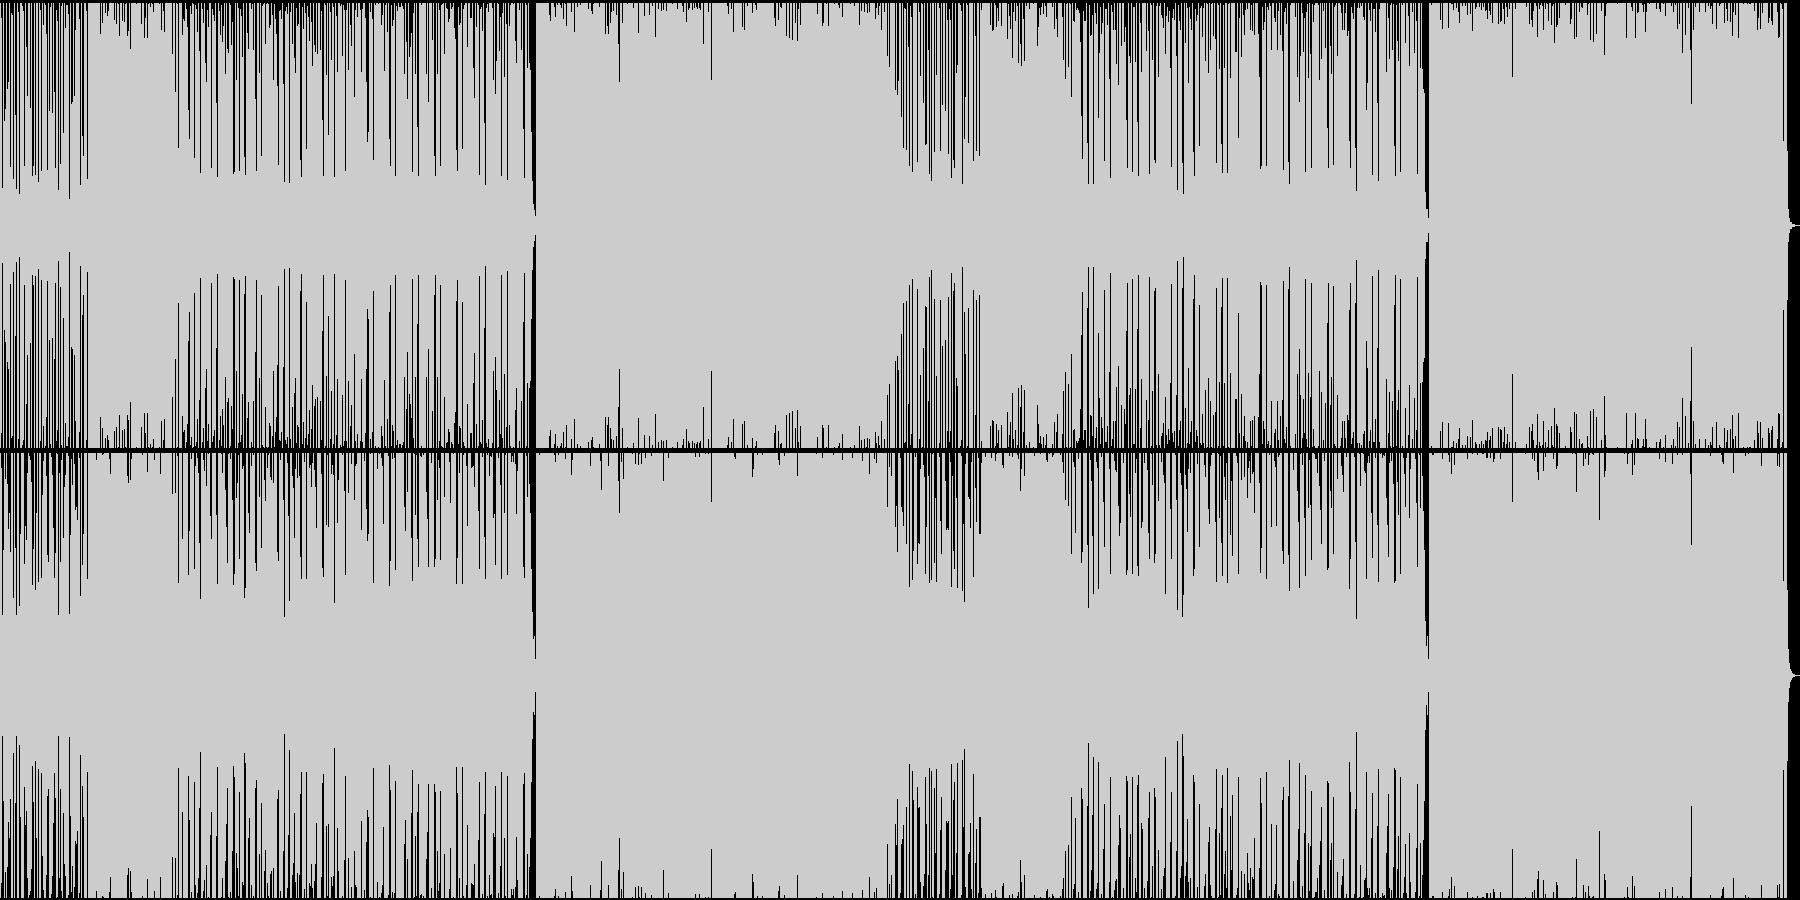 軽快なディスコの未再生の波形